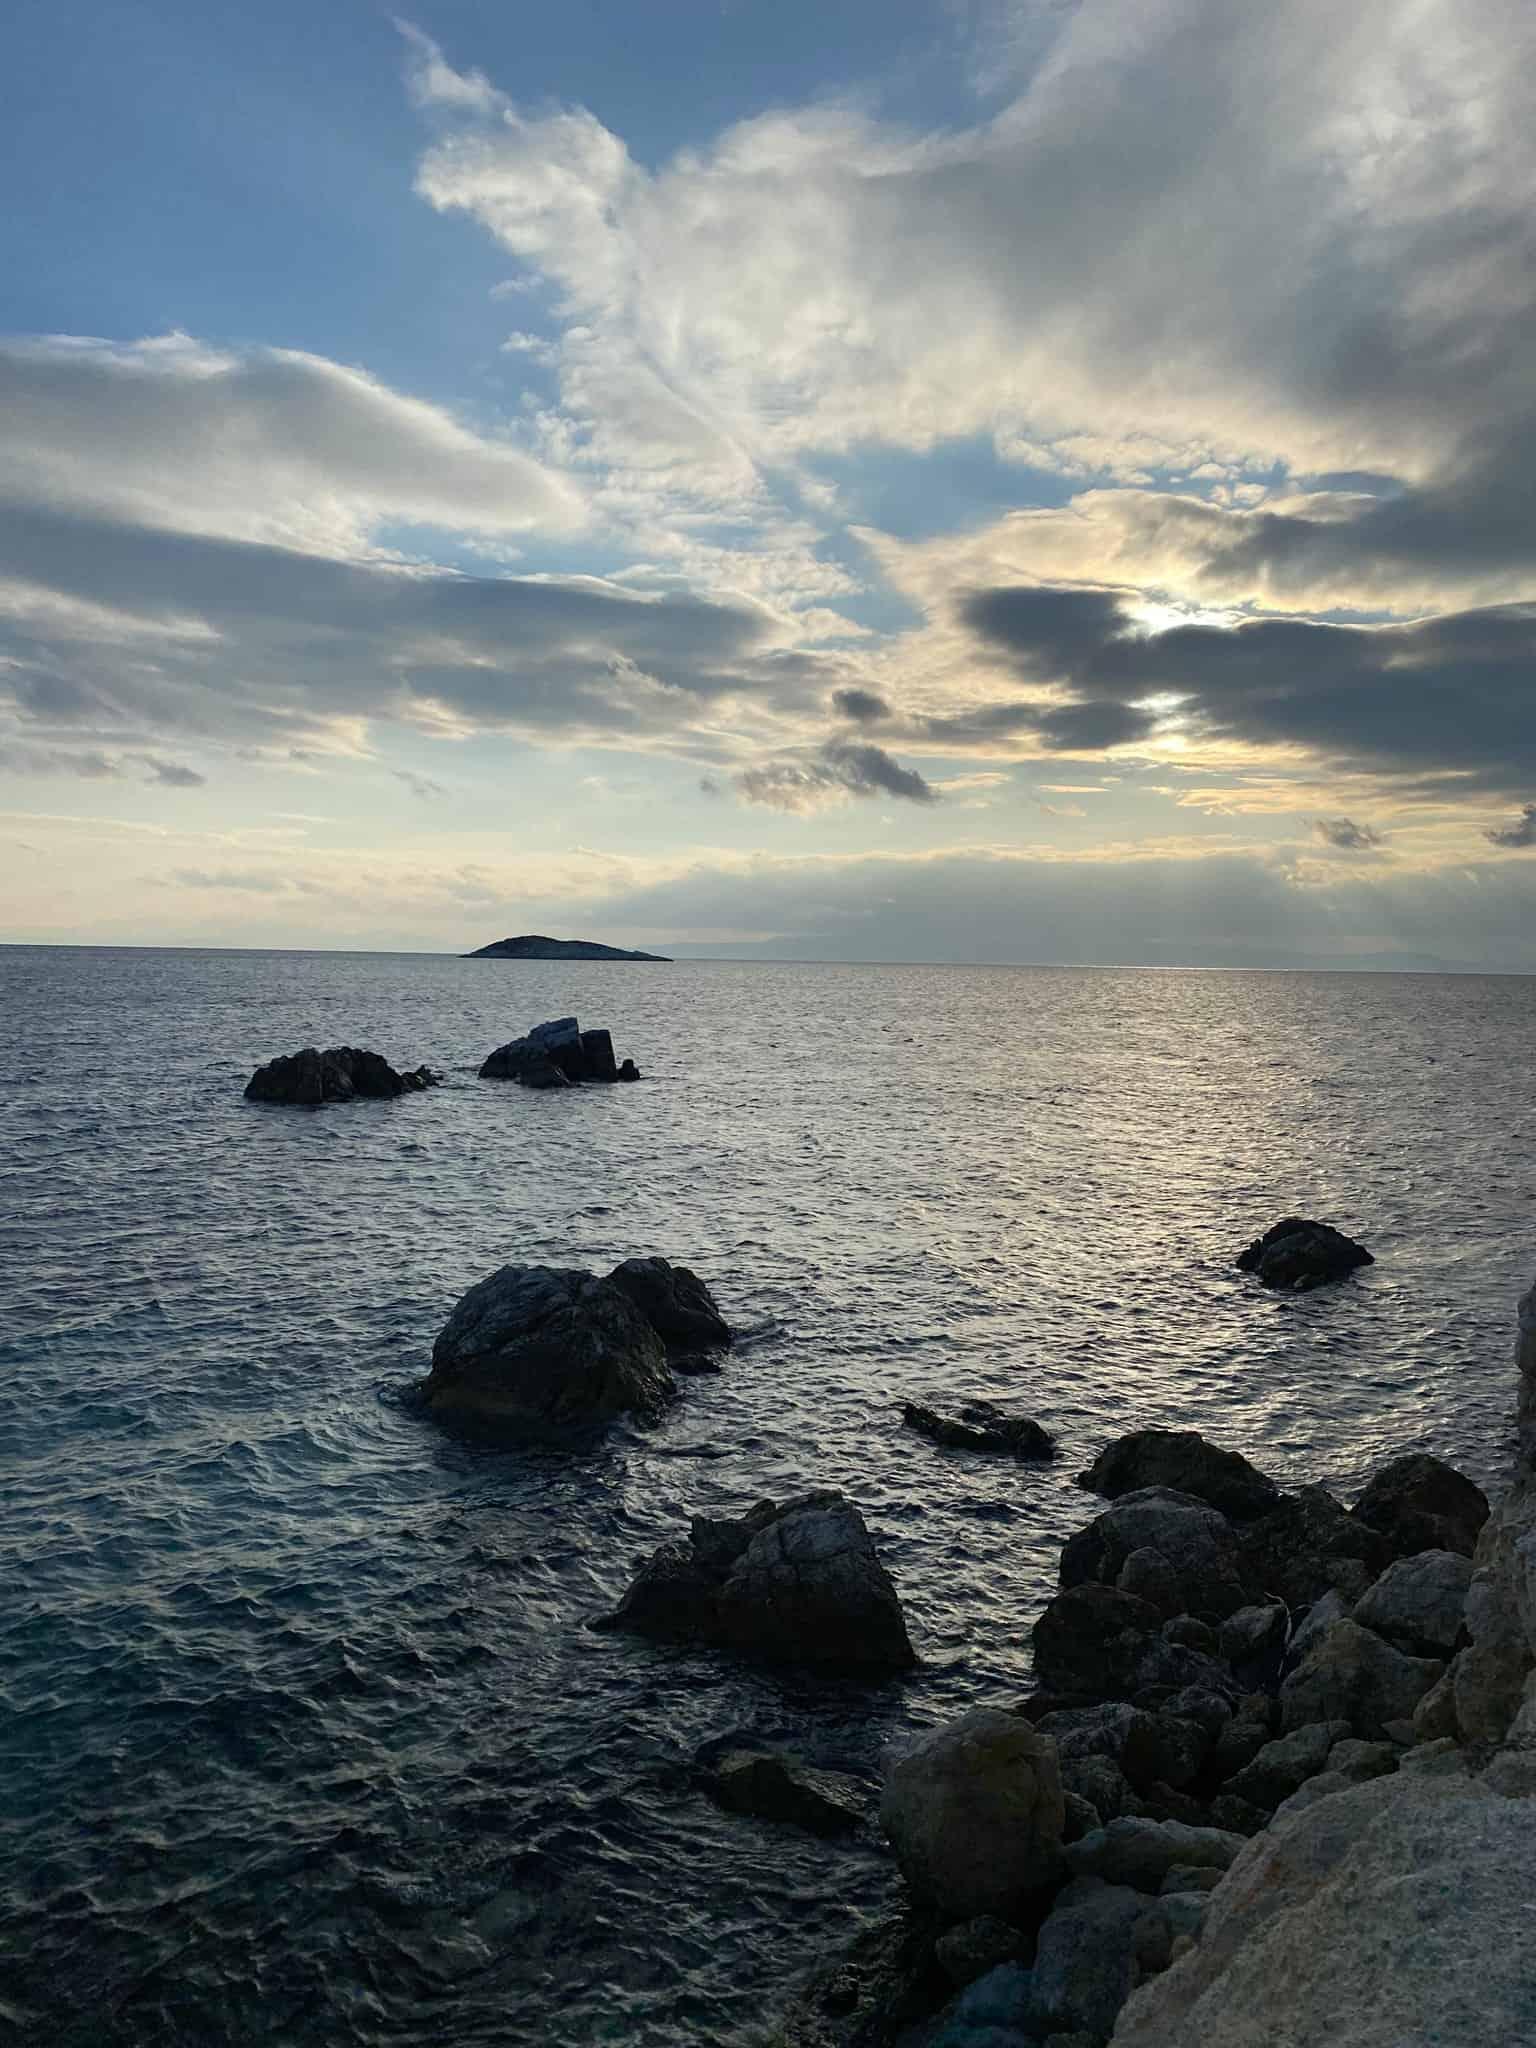 Sunset off Neo Klima beach